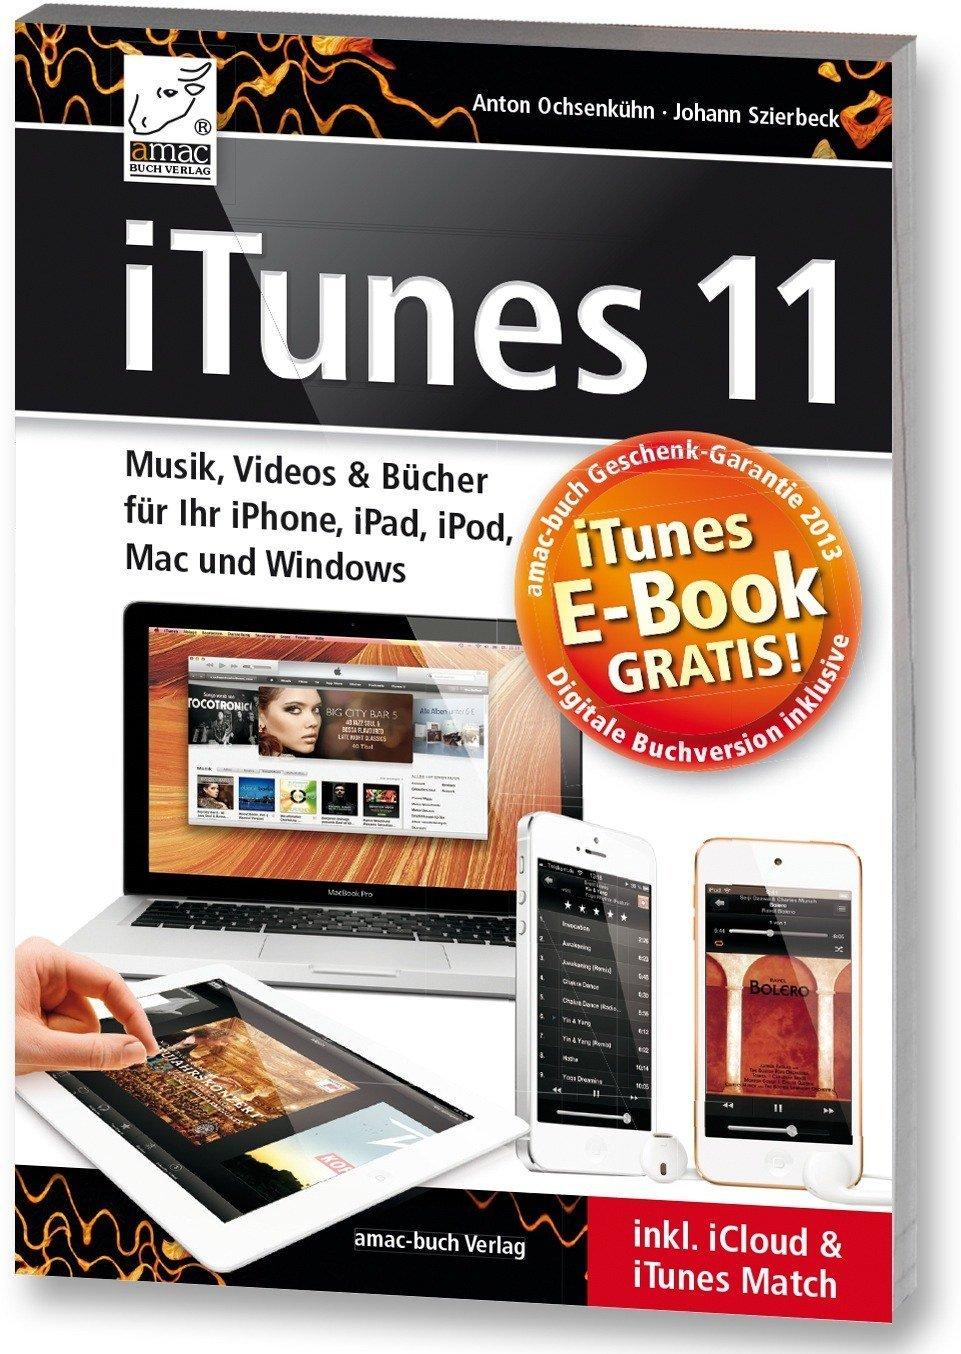 iTunes 11: interaktives Buch aus amac-buch Verlag für 99 Cent